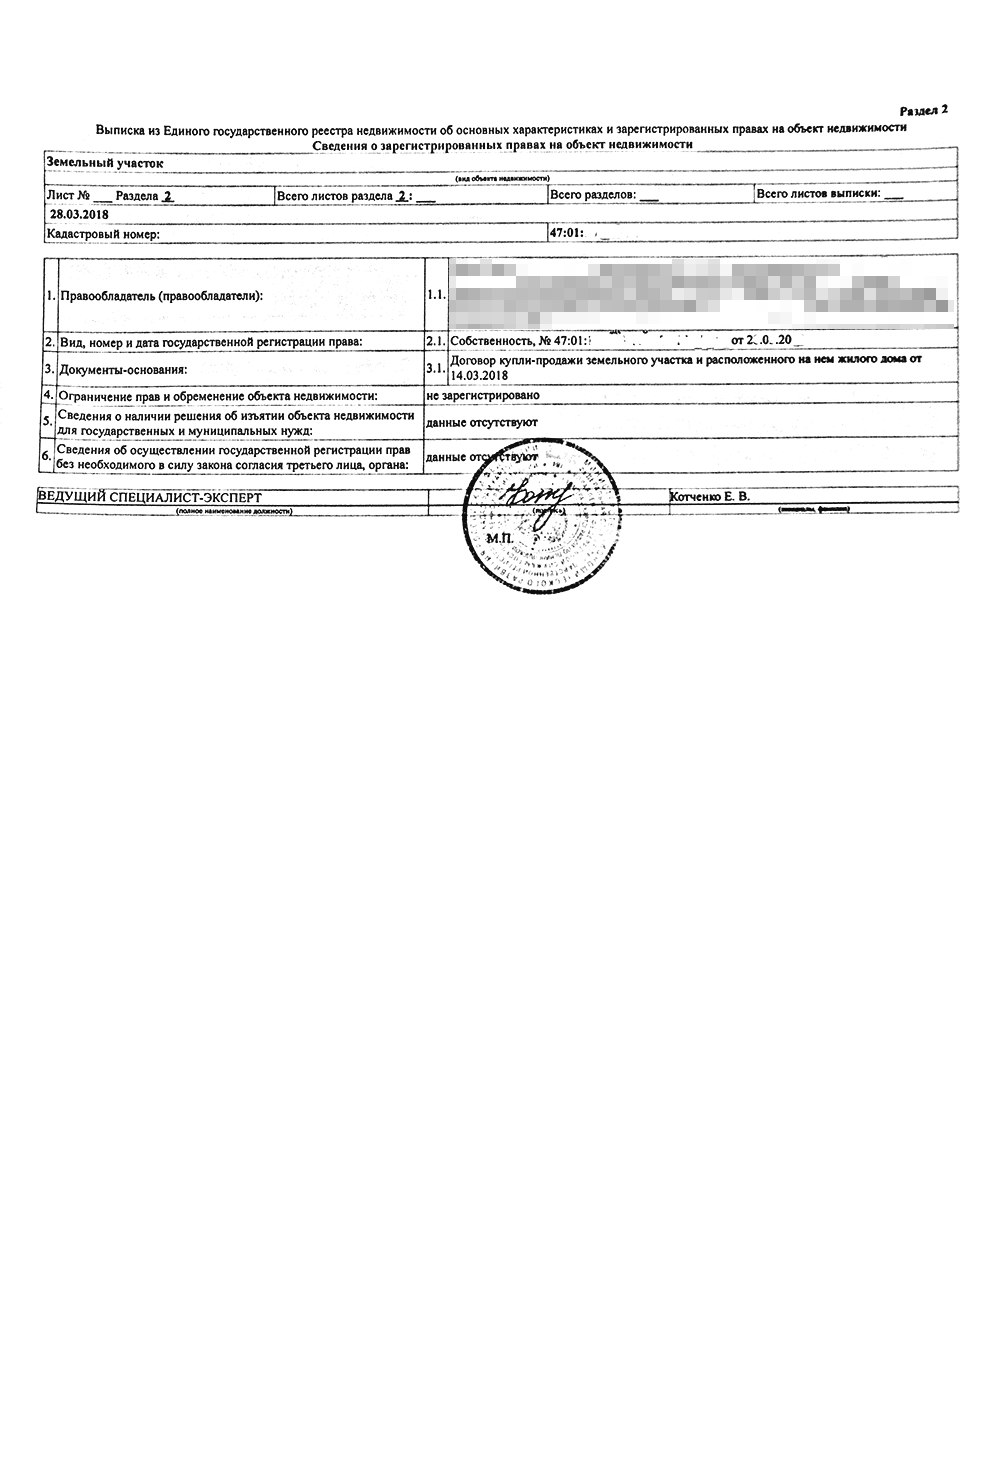 На второй странице выписки указано, кто собственник и на каком основании